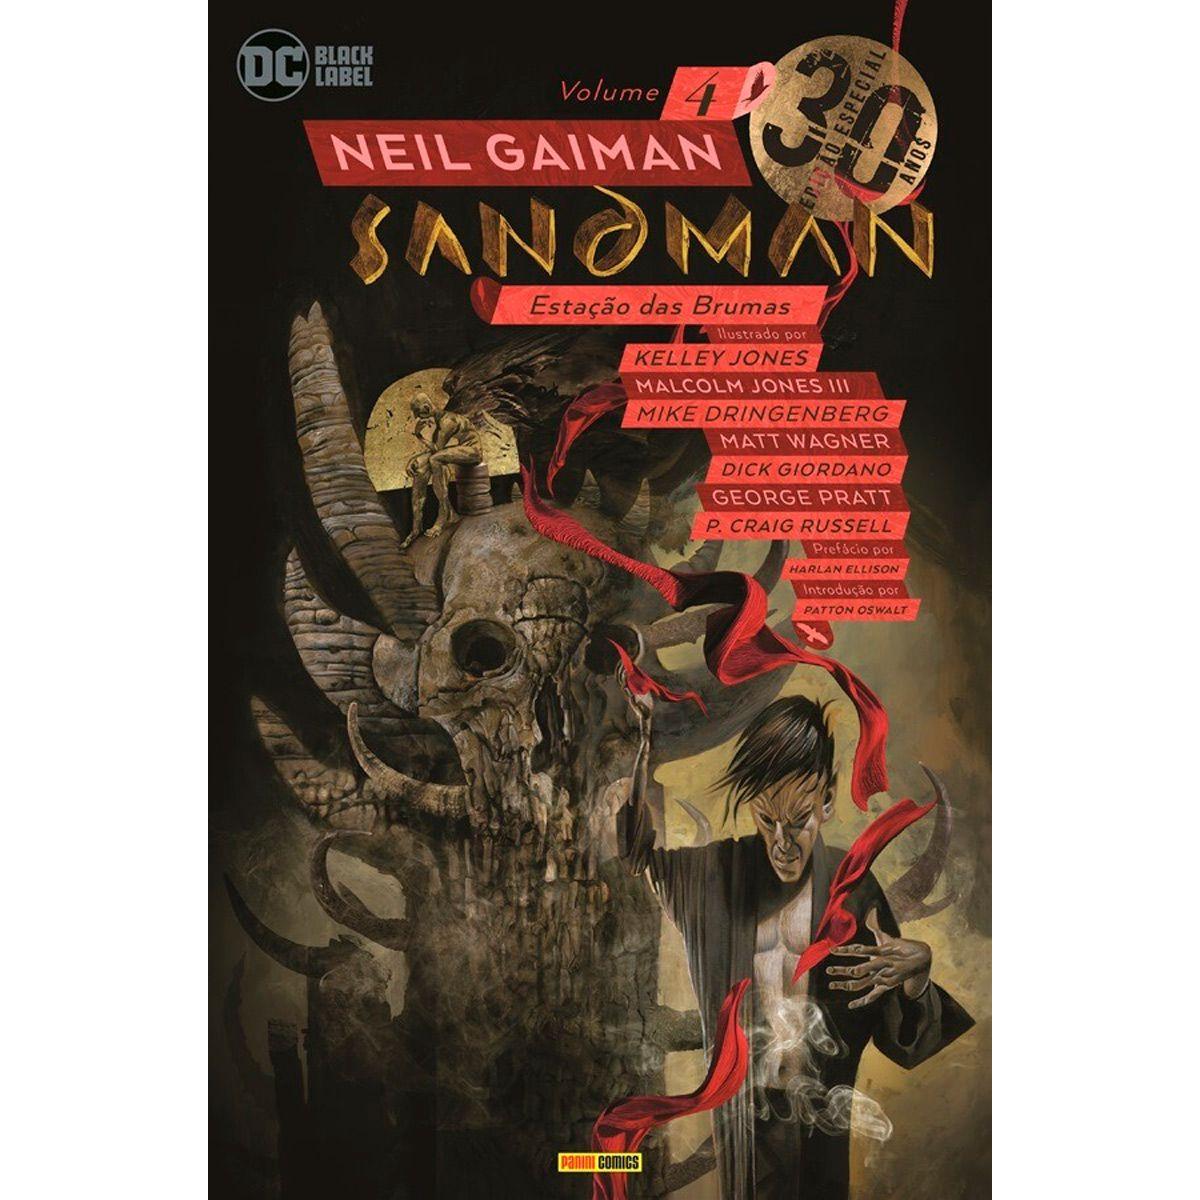 Sandman Estação das Brumas Vol 4 Edição Especial 30 Anos